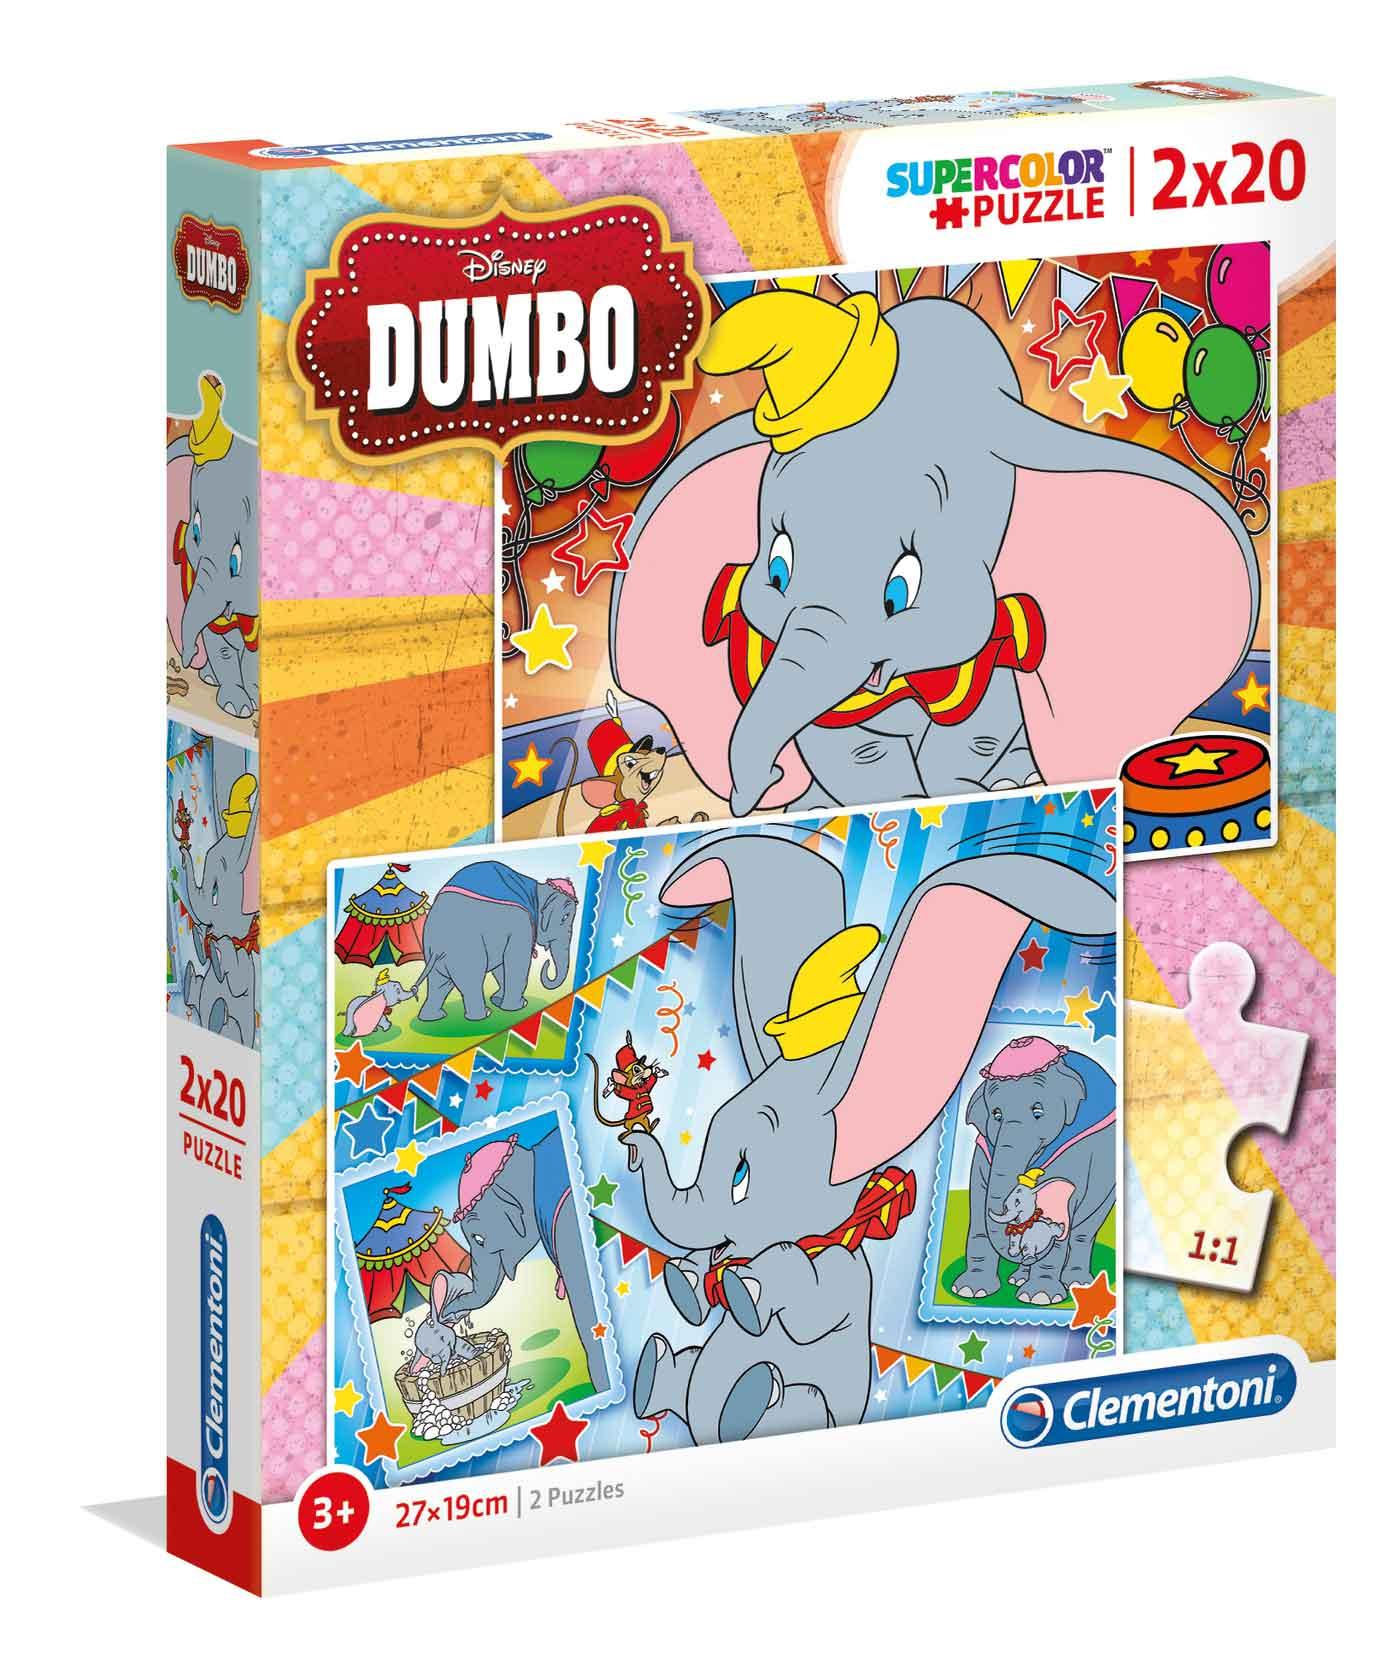 Puzzle Clementoni Dumbo 2x20 Piezas